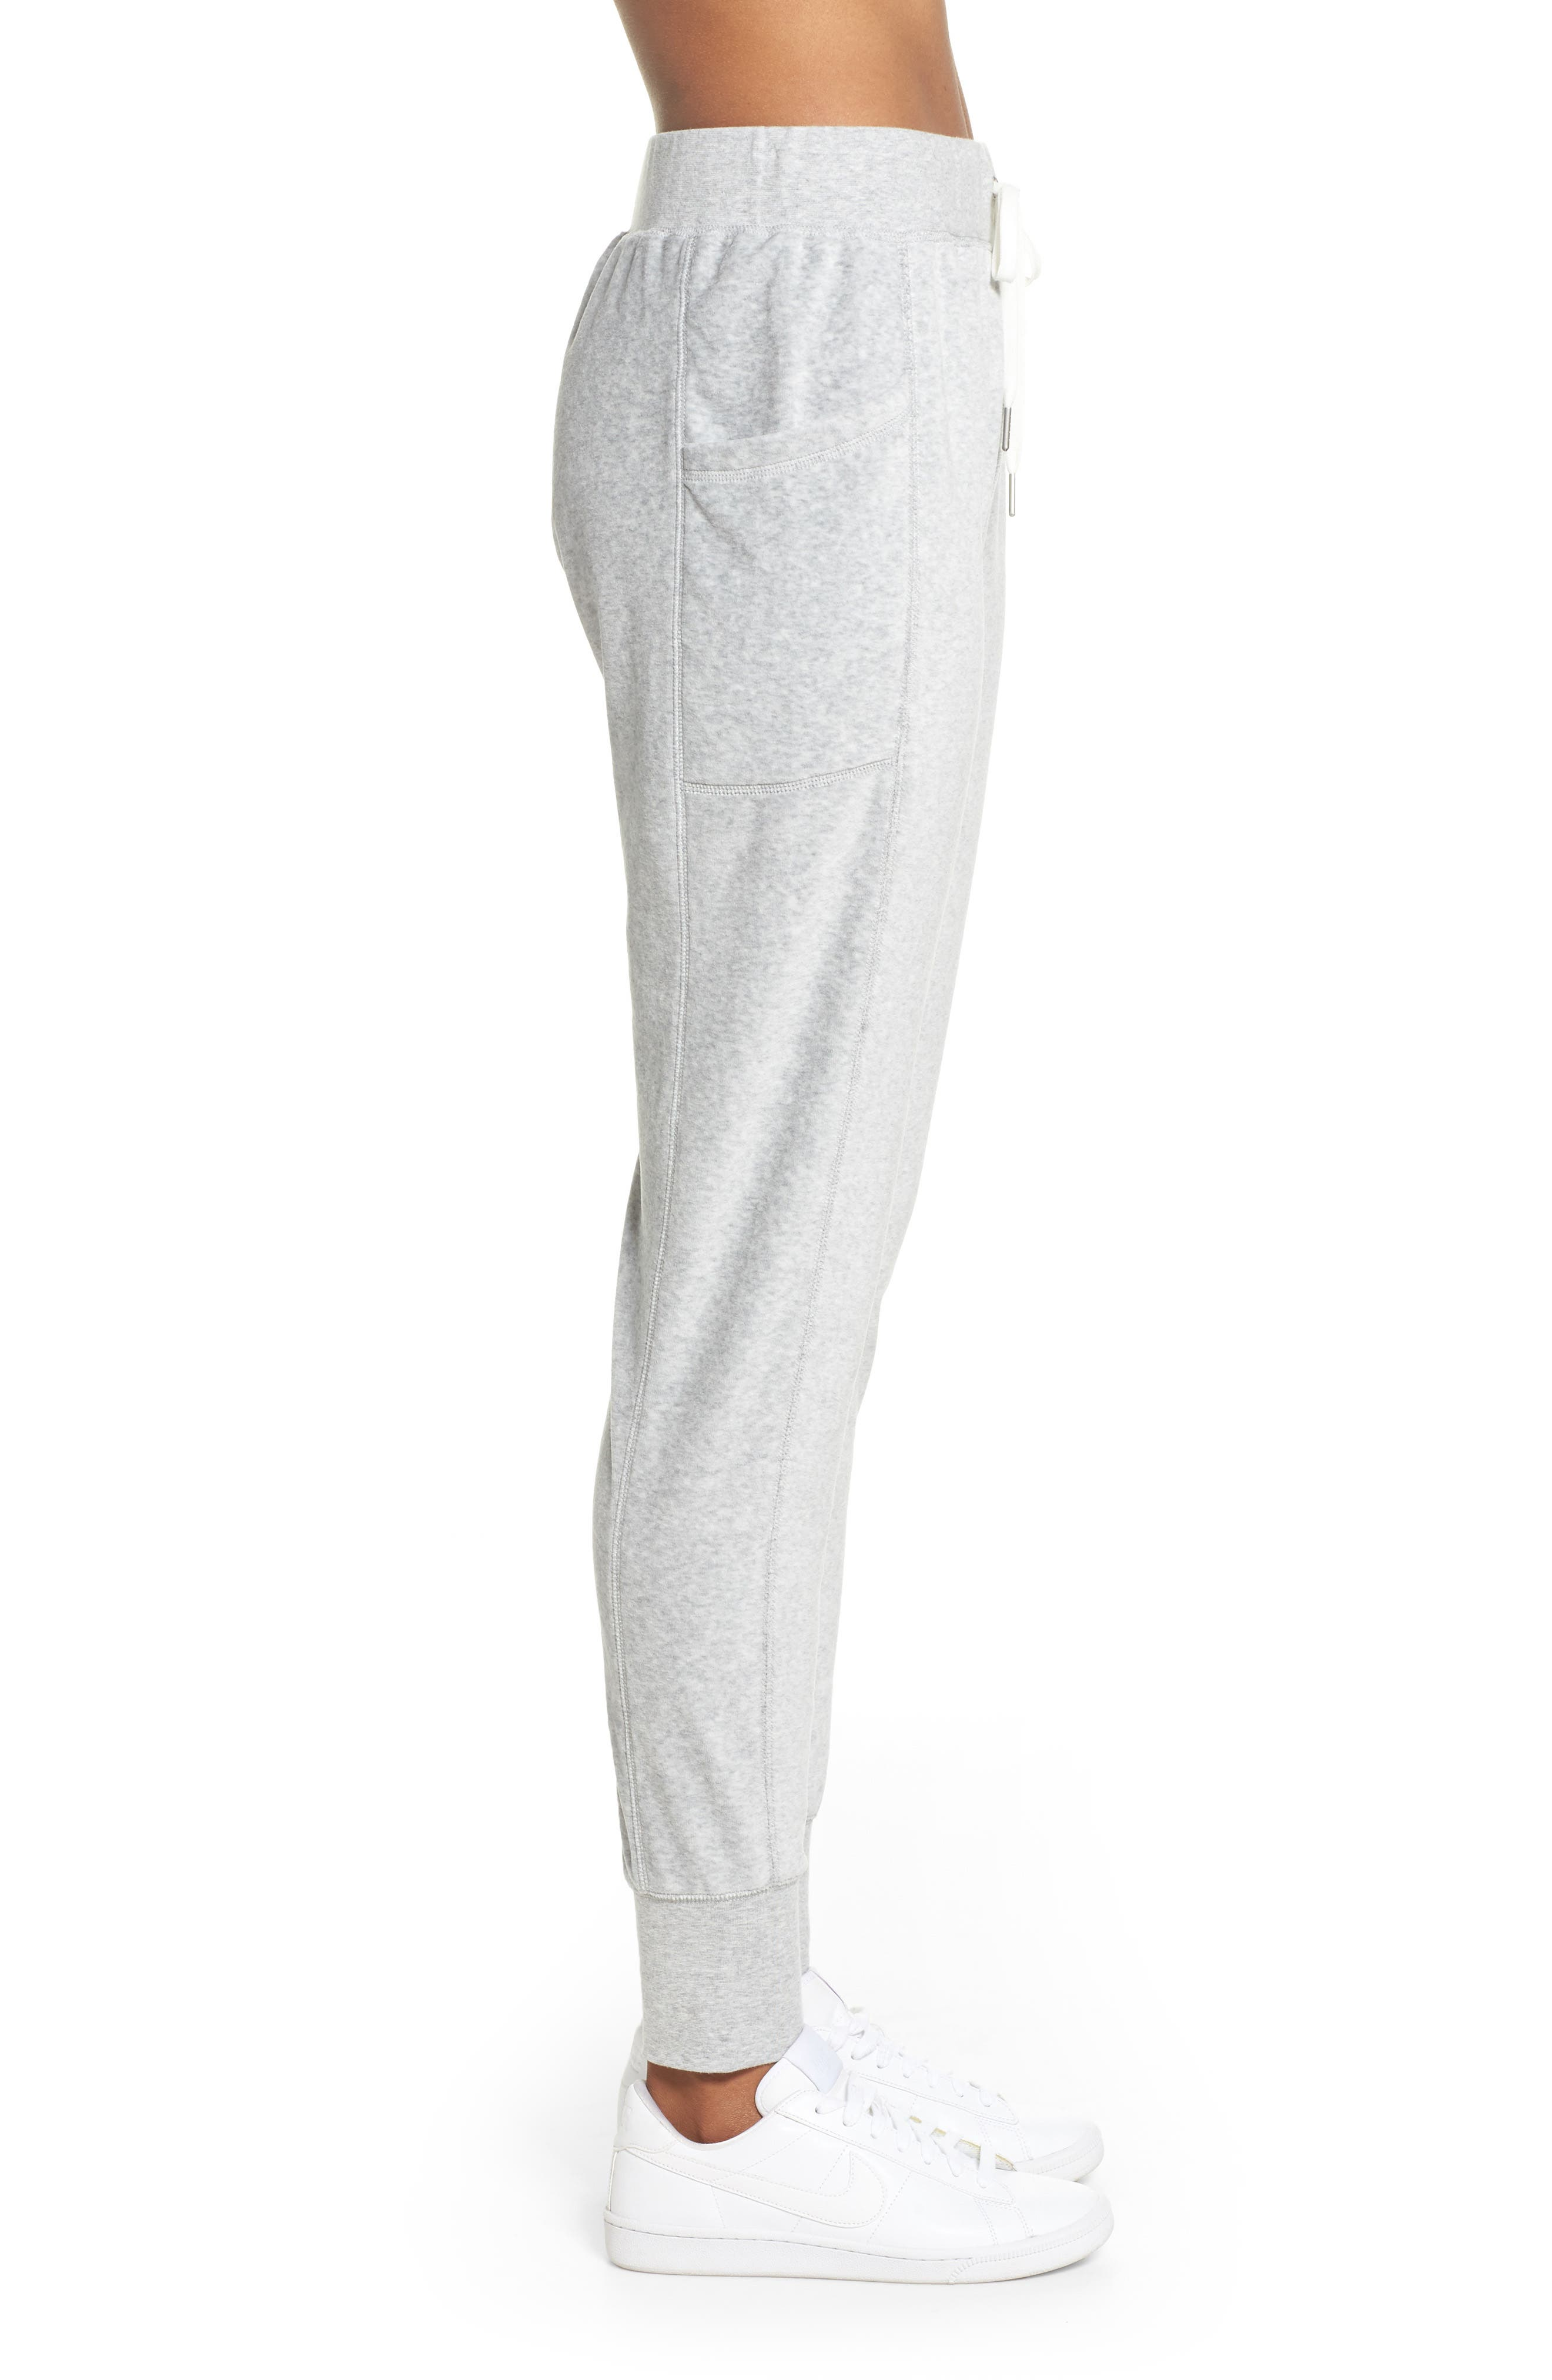 Lexi Slim Velour Leggings,                             Alternate thumbnail 4, color,                             Grey Light Heather